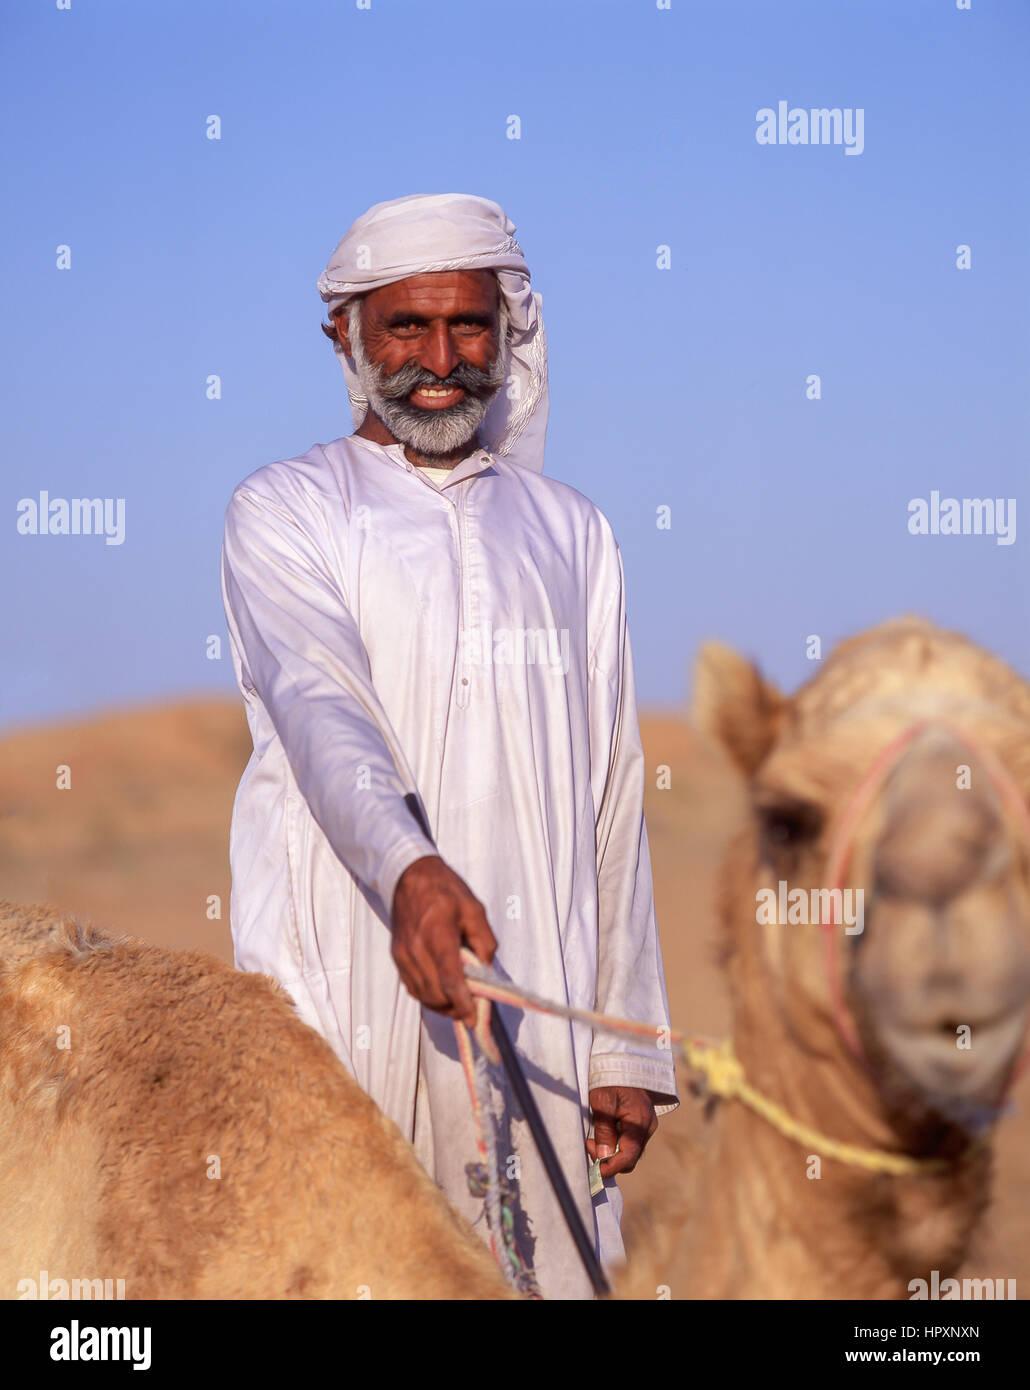 Lächelnd Kamel-Treiber mit Kamel, Wüste in Dubai, Dubai, Vereinigte Arabische Emirate Stockbild